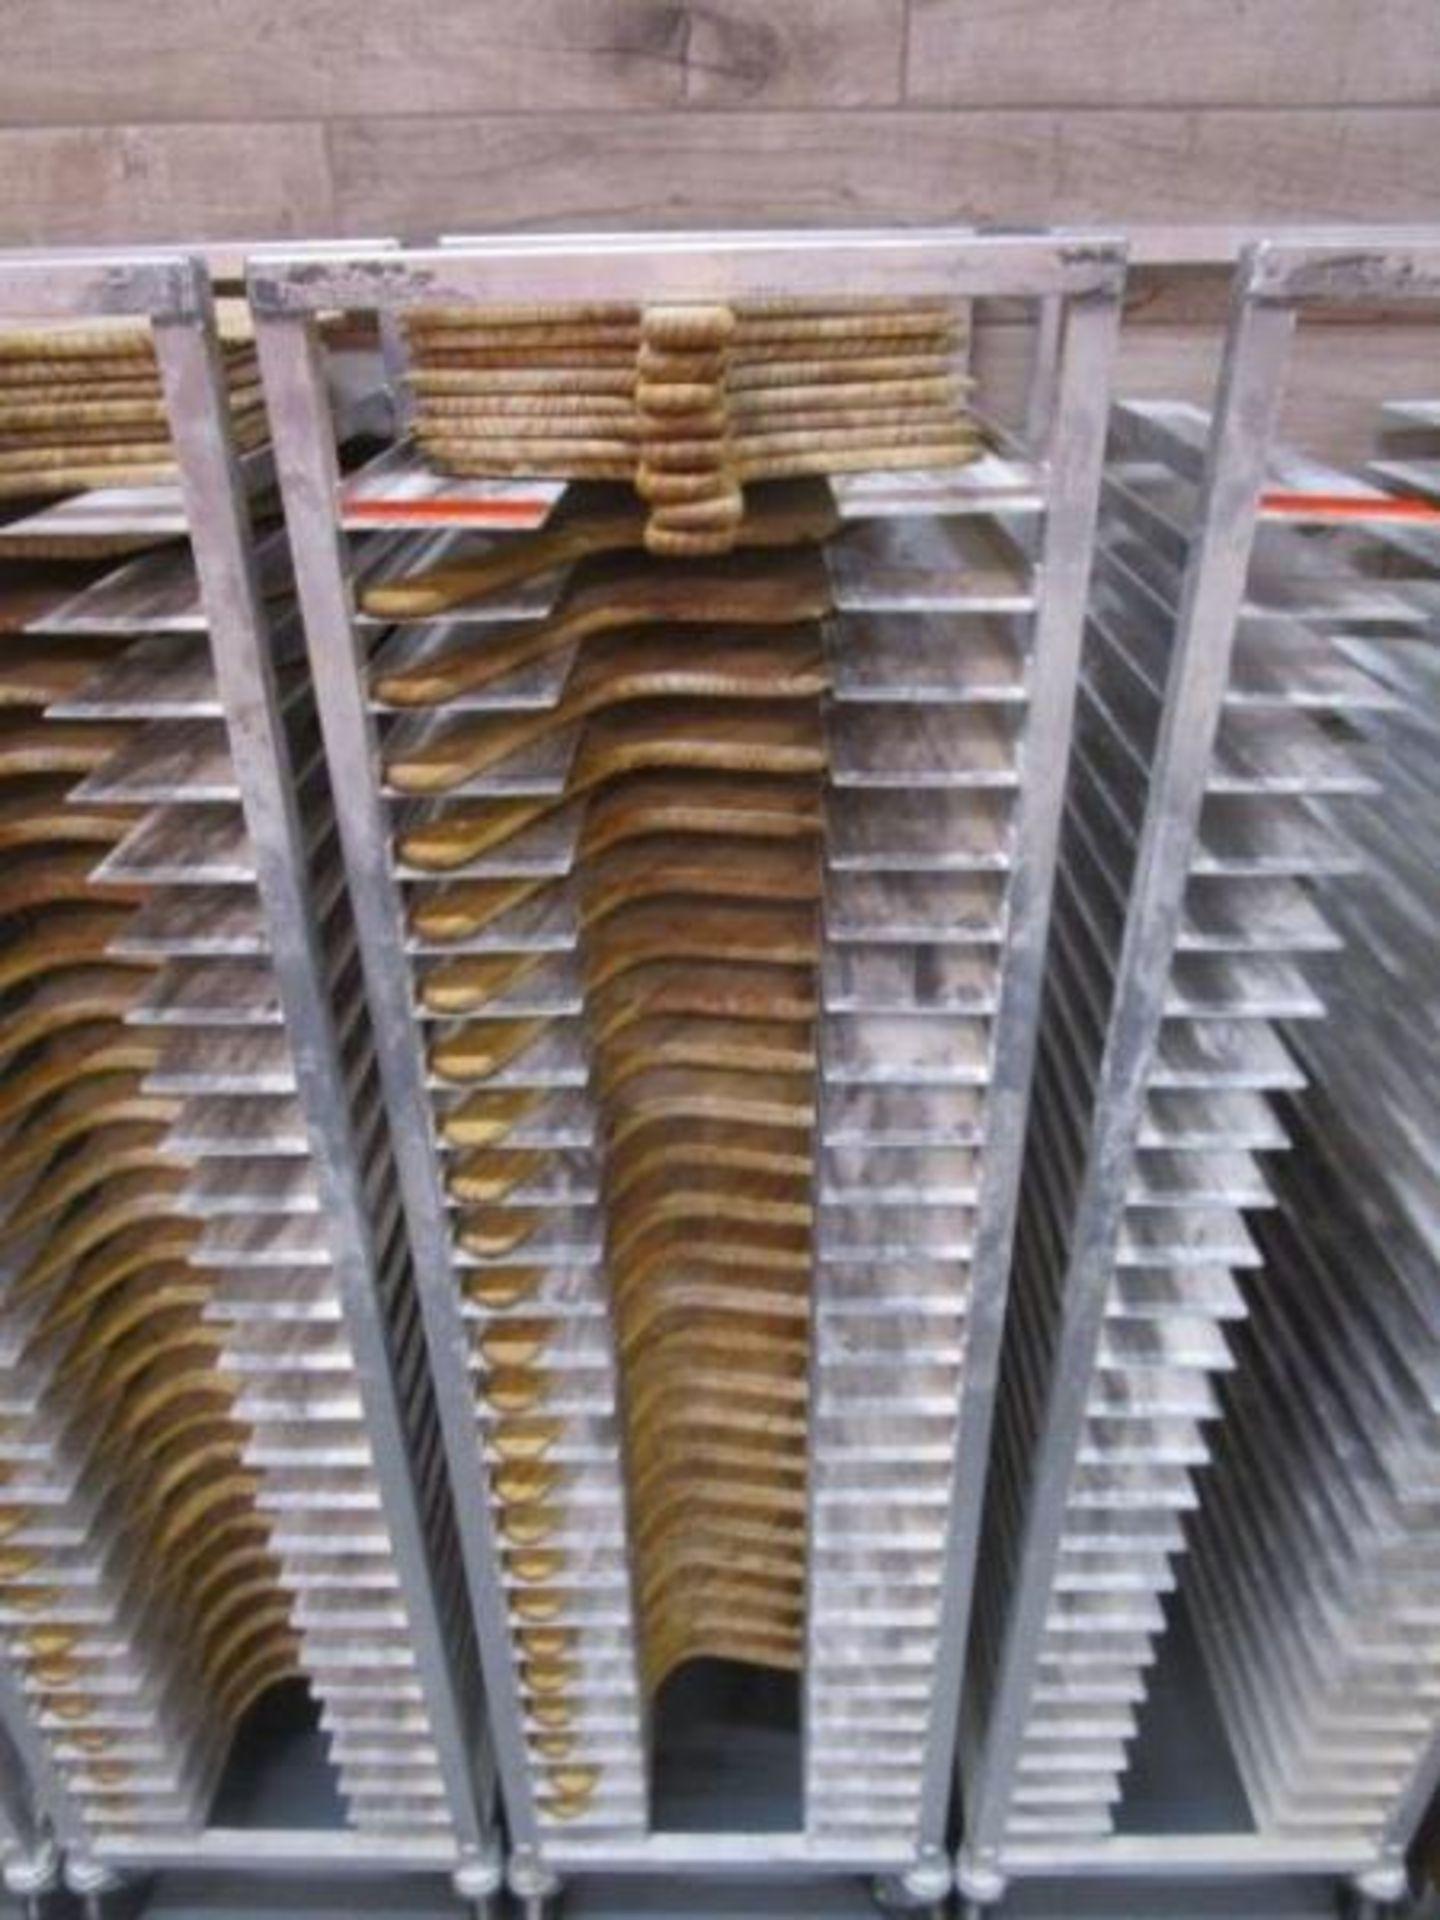 Lot 27 - Sheet Pan Rack by Channel w/ Wood Pizza Peels